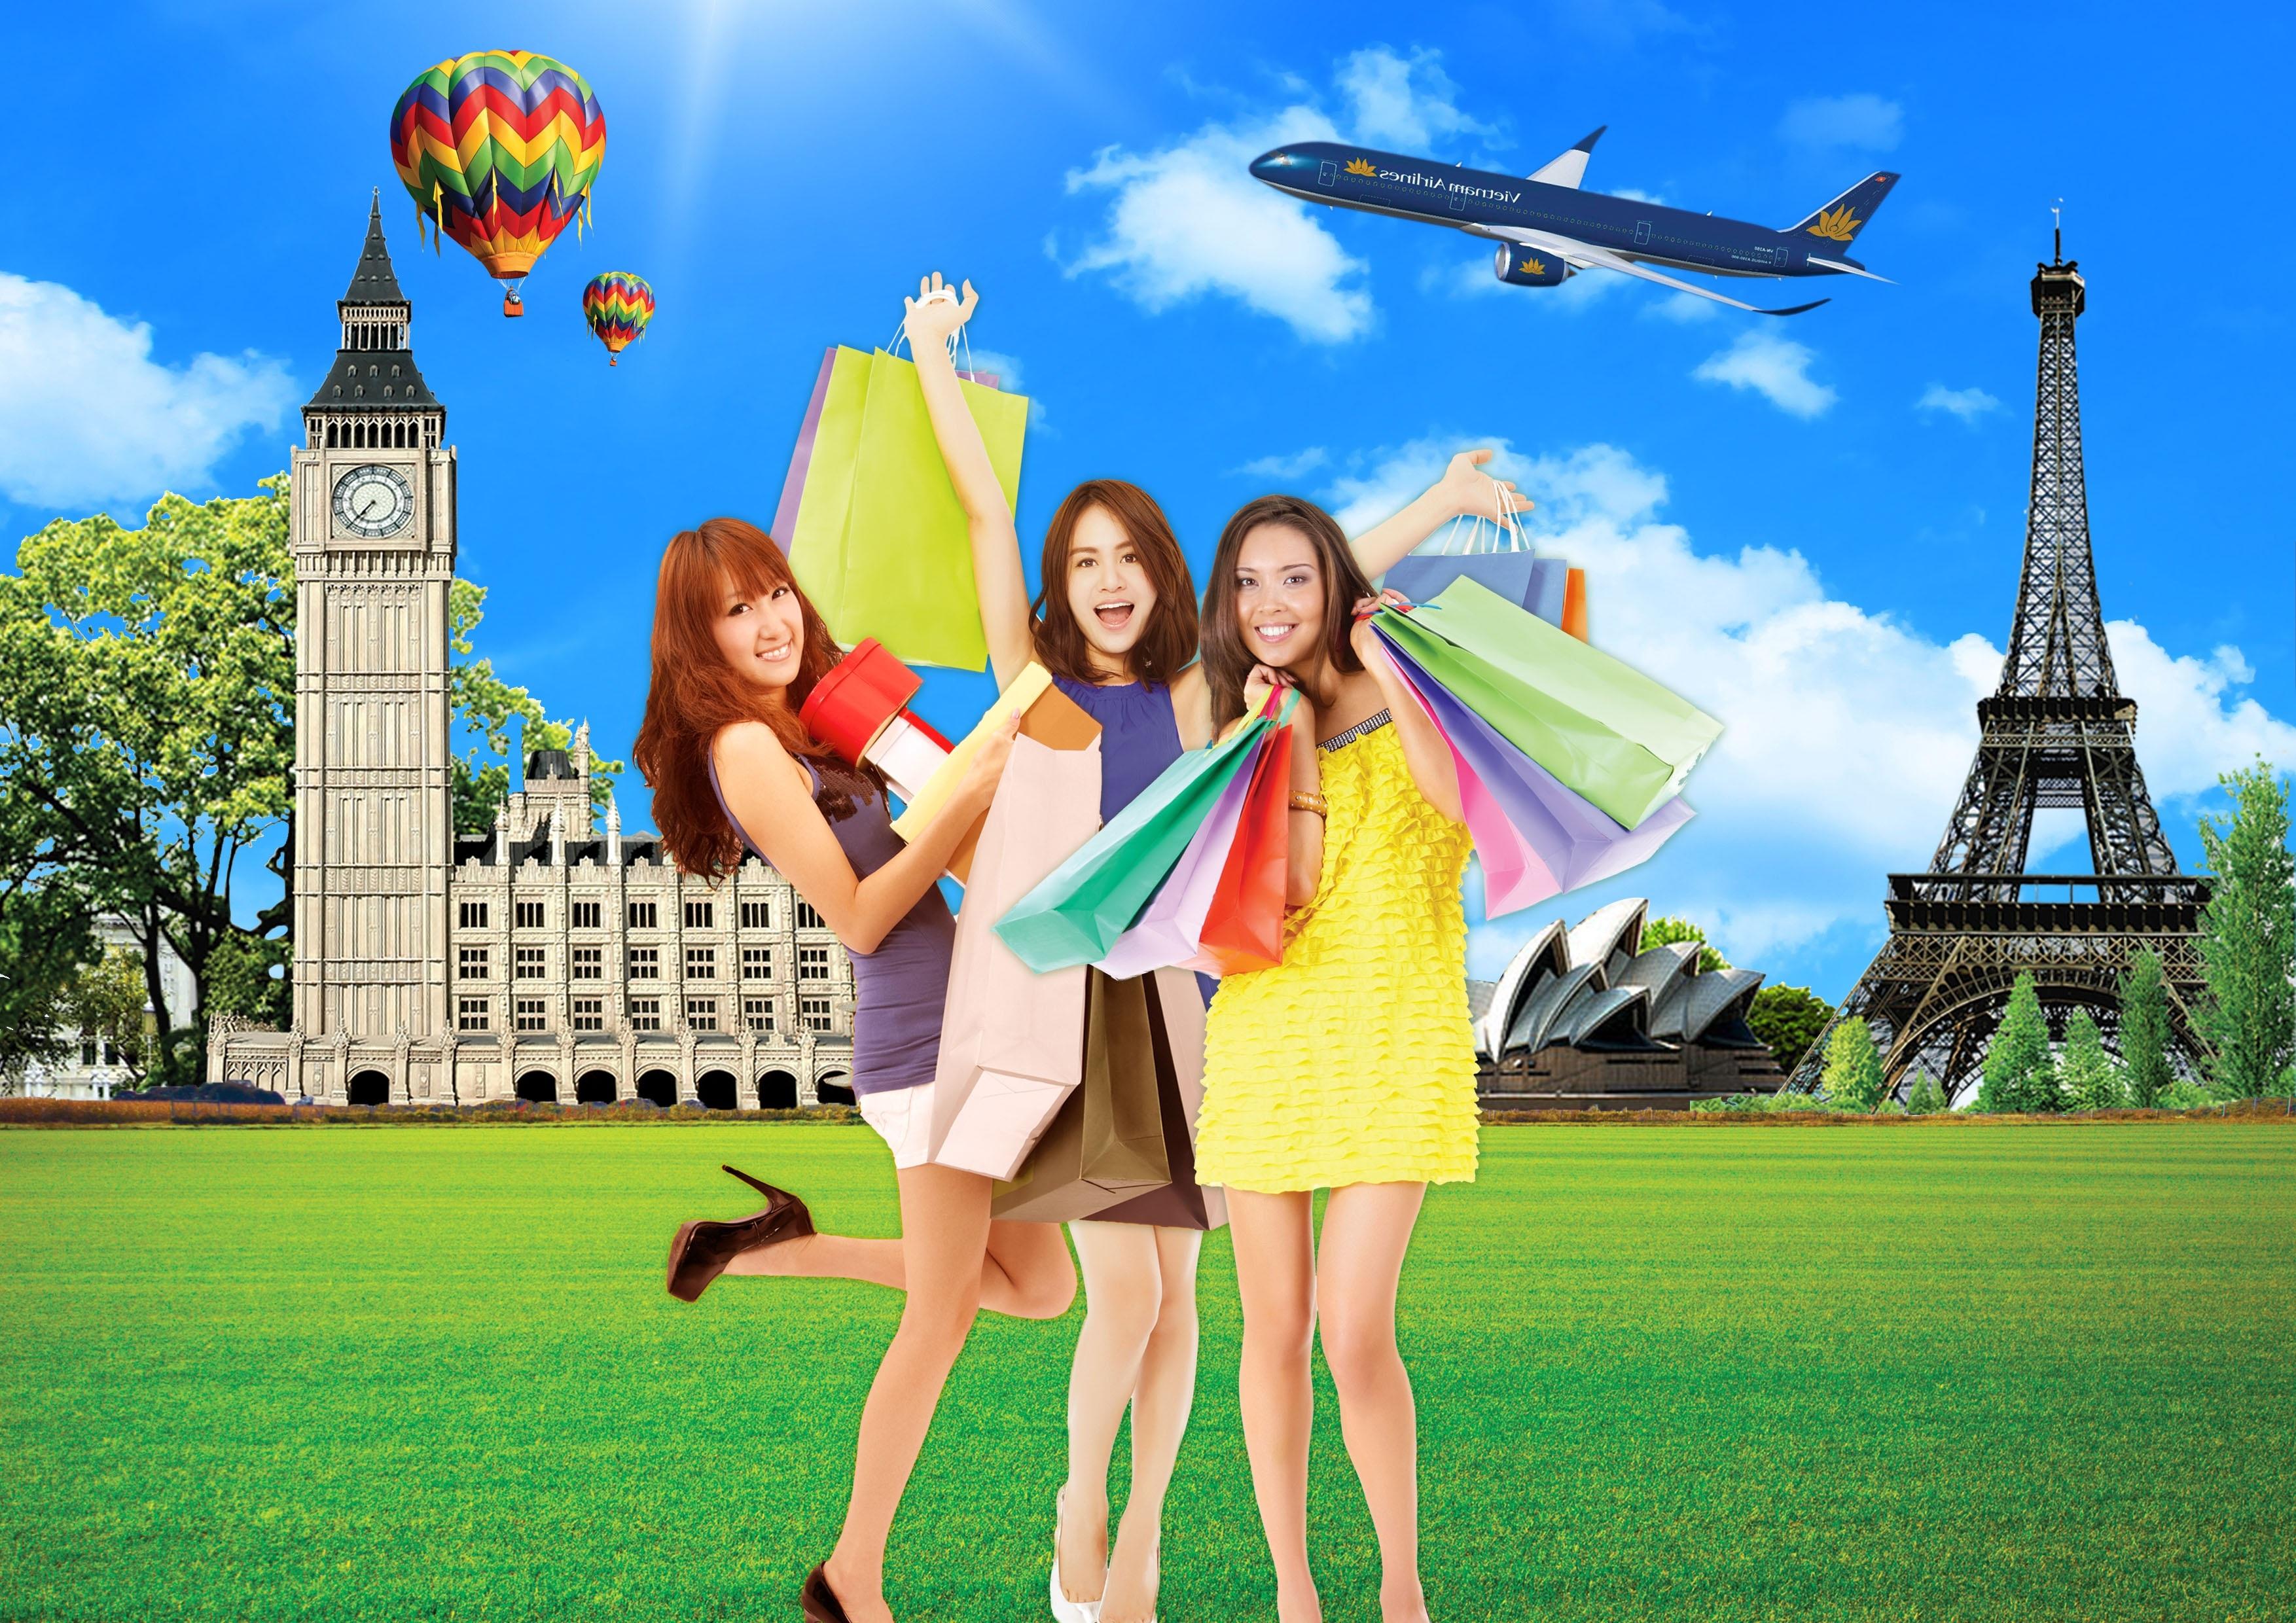 Mua sắm thỏa thích, tích thêm dặm bay với thẻ Vietnam Airlines Techcombank Visa | Báo Dân trí